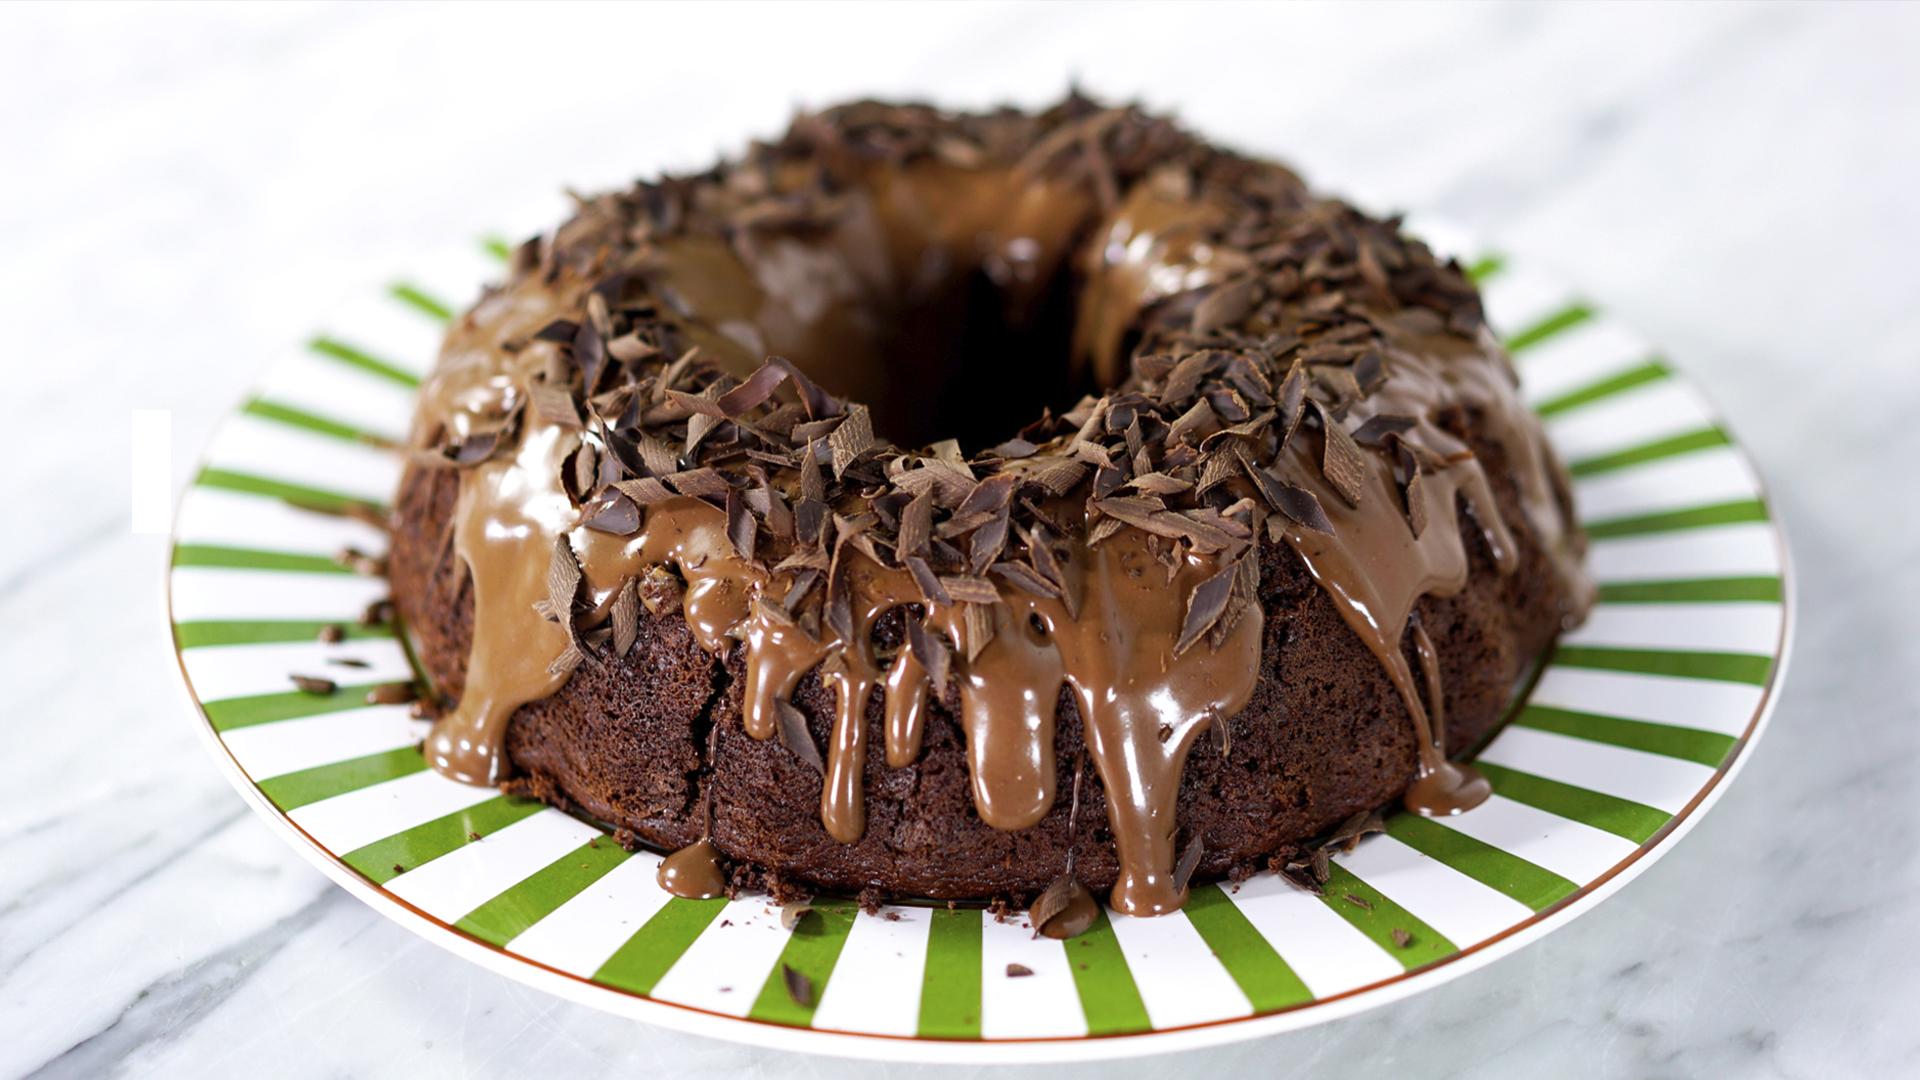 decoração de bolos - raspa de chocolate